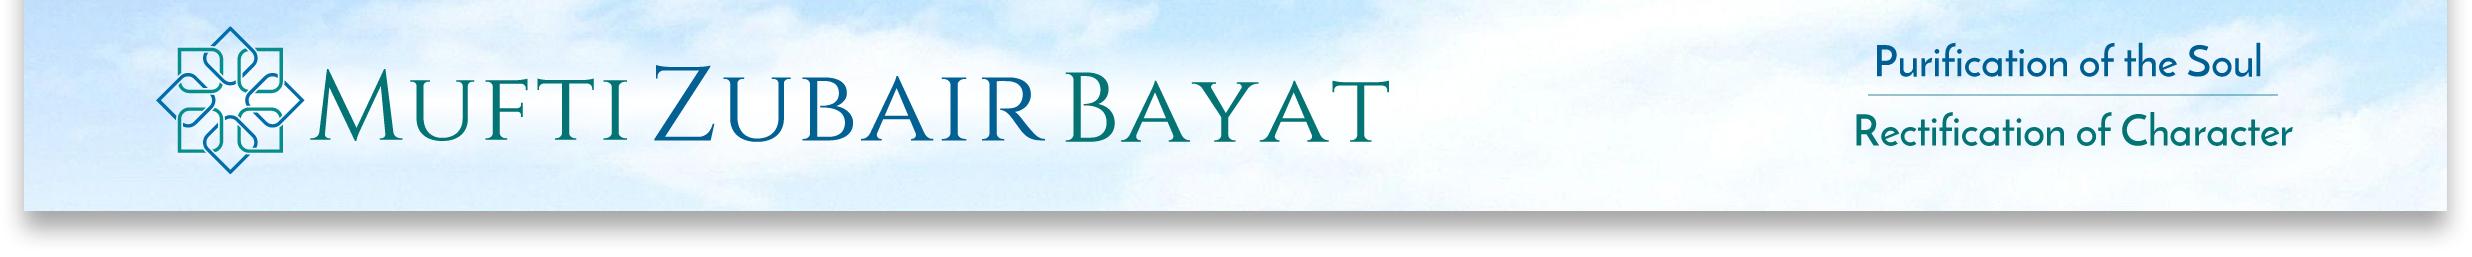 Mufti Zubair Bayat :: Spiritual Guidance, Islah, Reformation, Ihsan